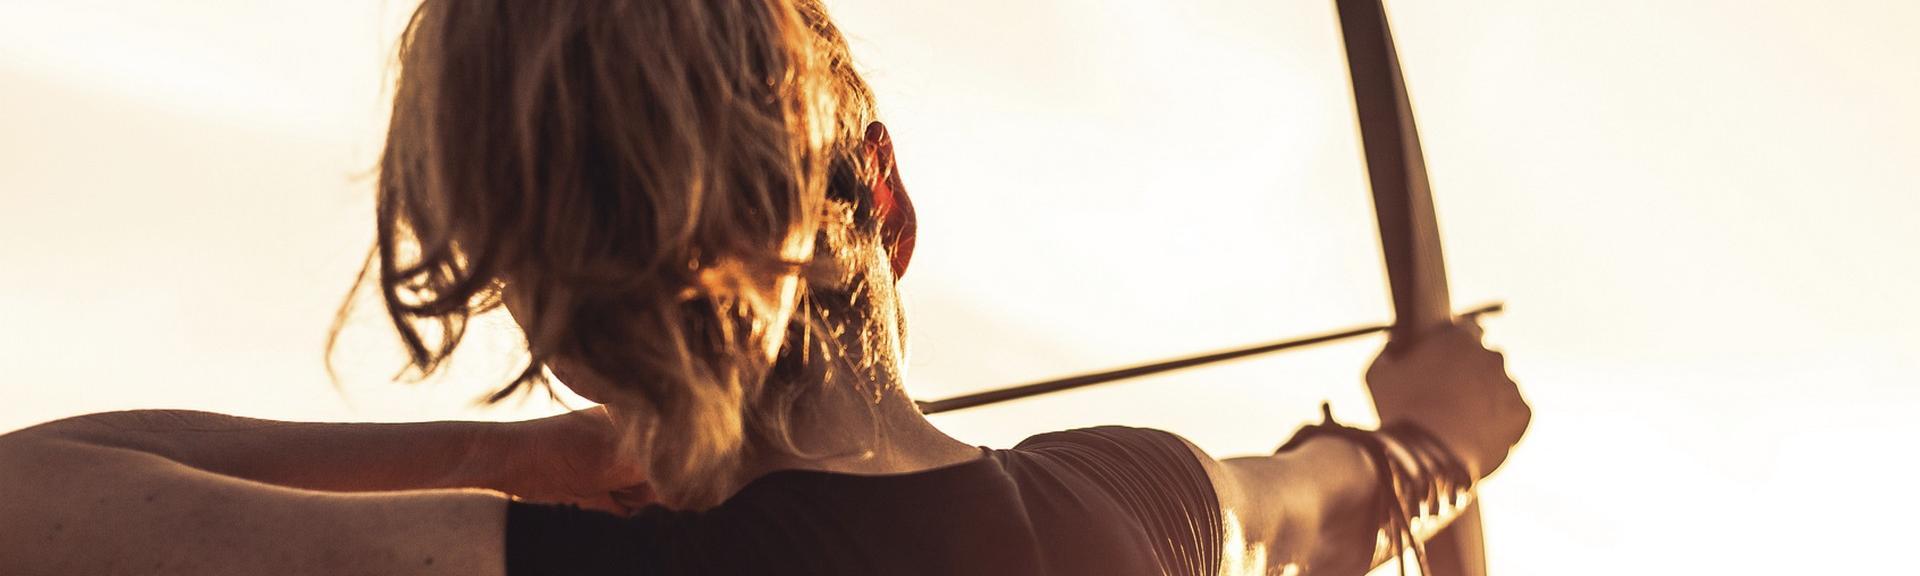 Les bienfaits du tir à l'arc pour la santé